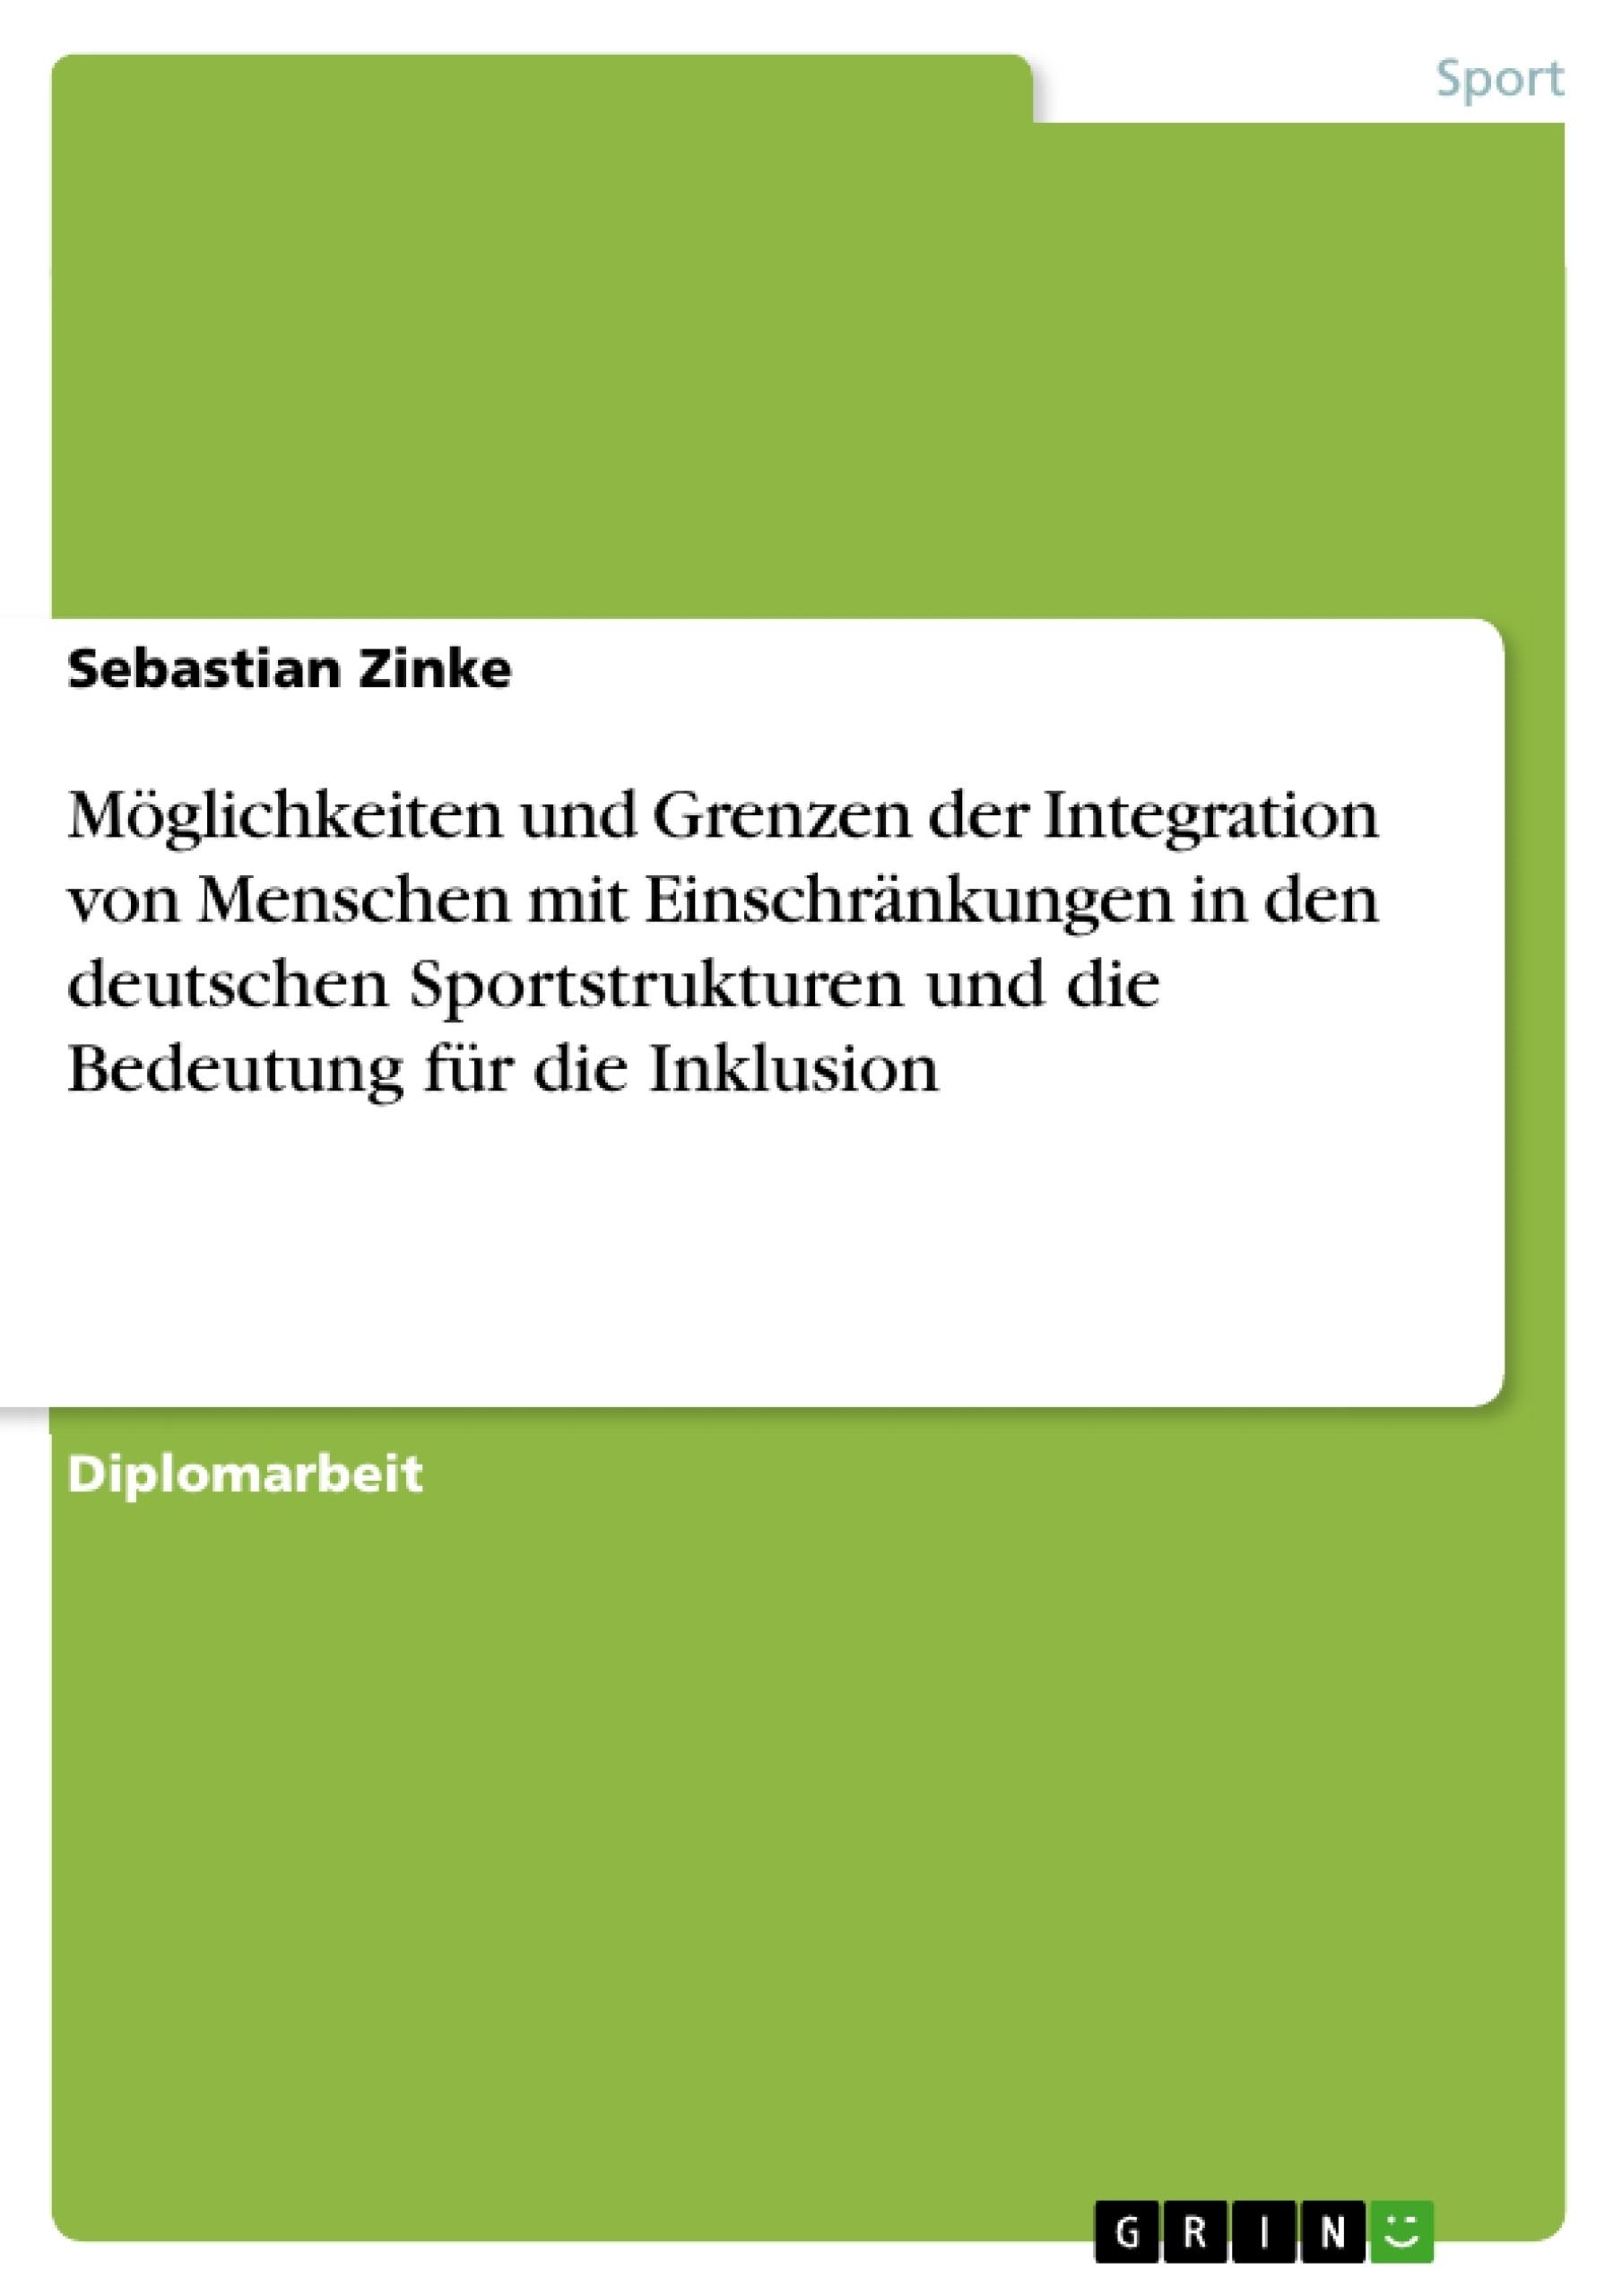 Titel: Möglichkeiten und Grenzen der Integration von Menschen mit Einschränkungen in den deutschen Sportstrukturen und die Bedeutung für die Inklusion